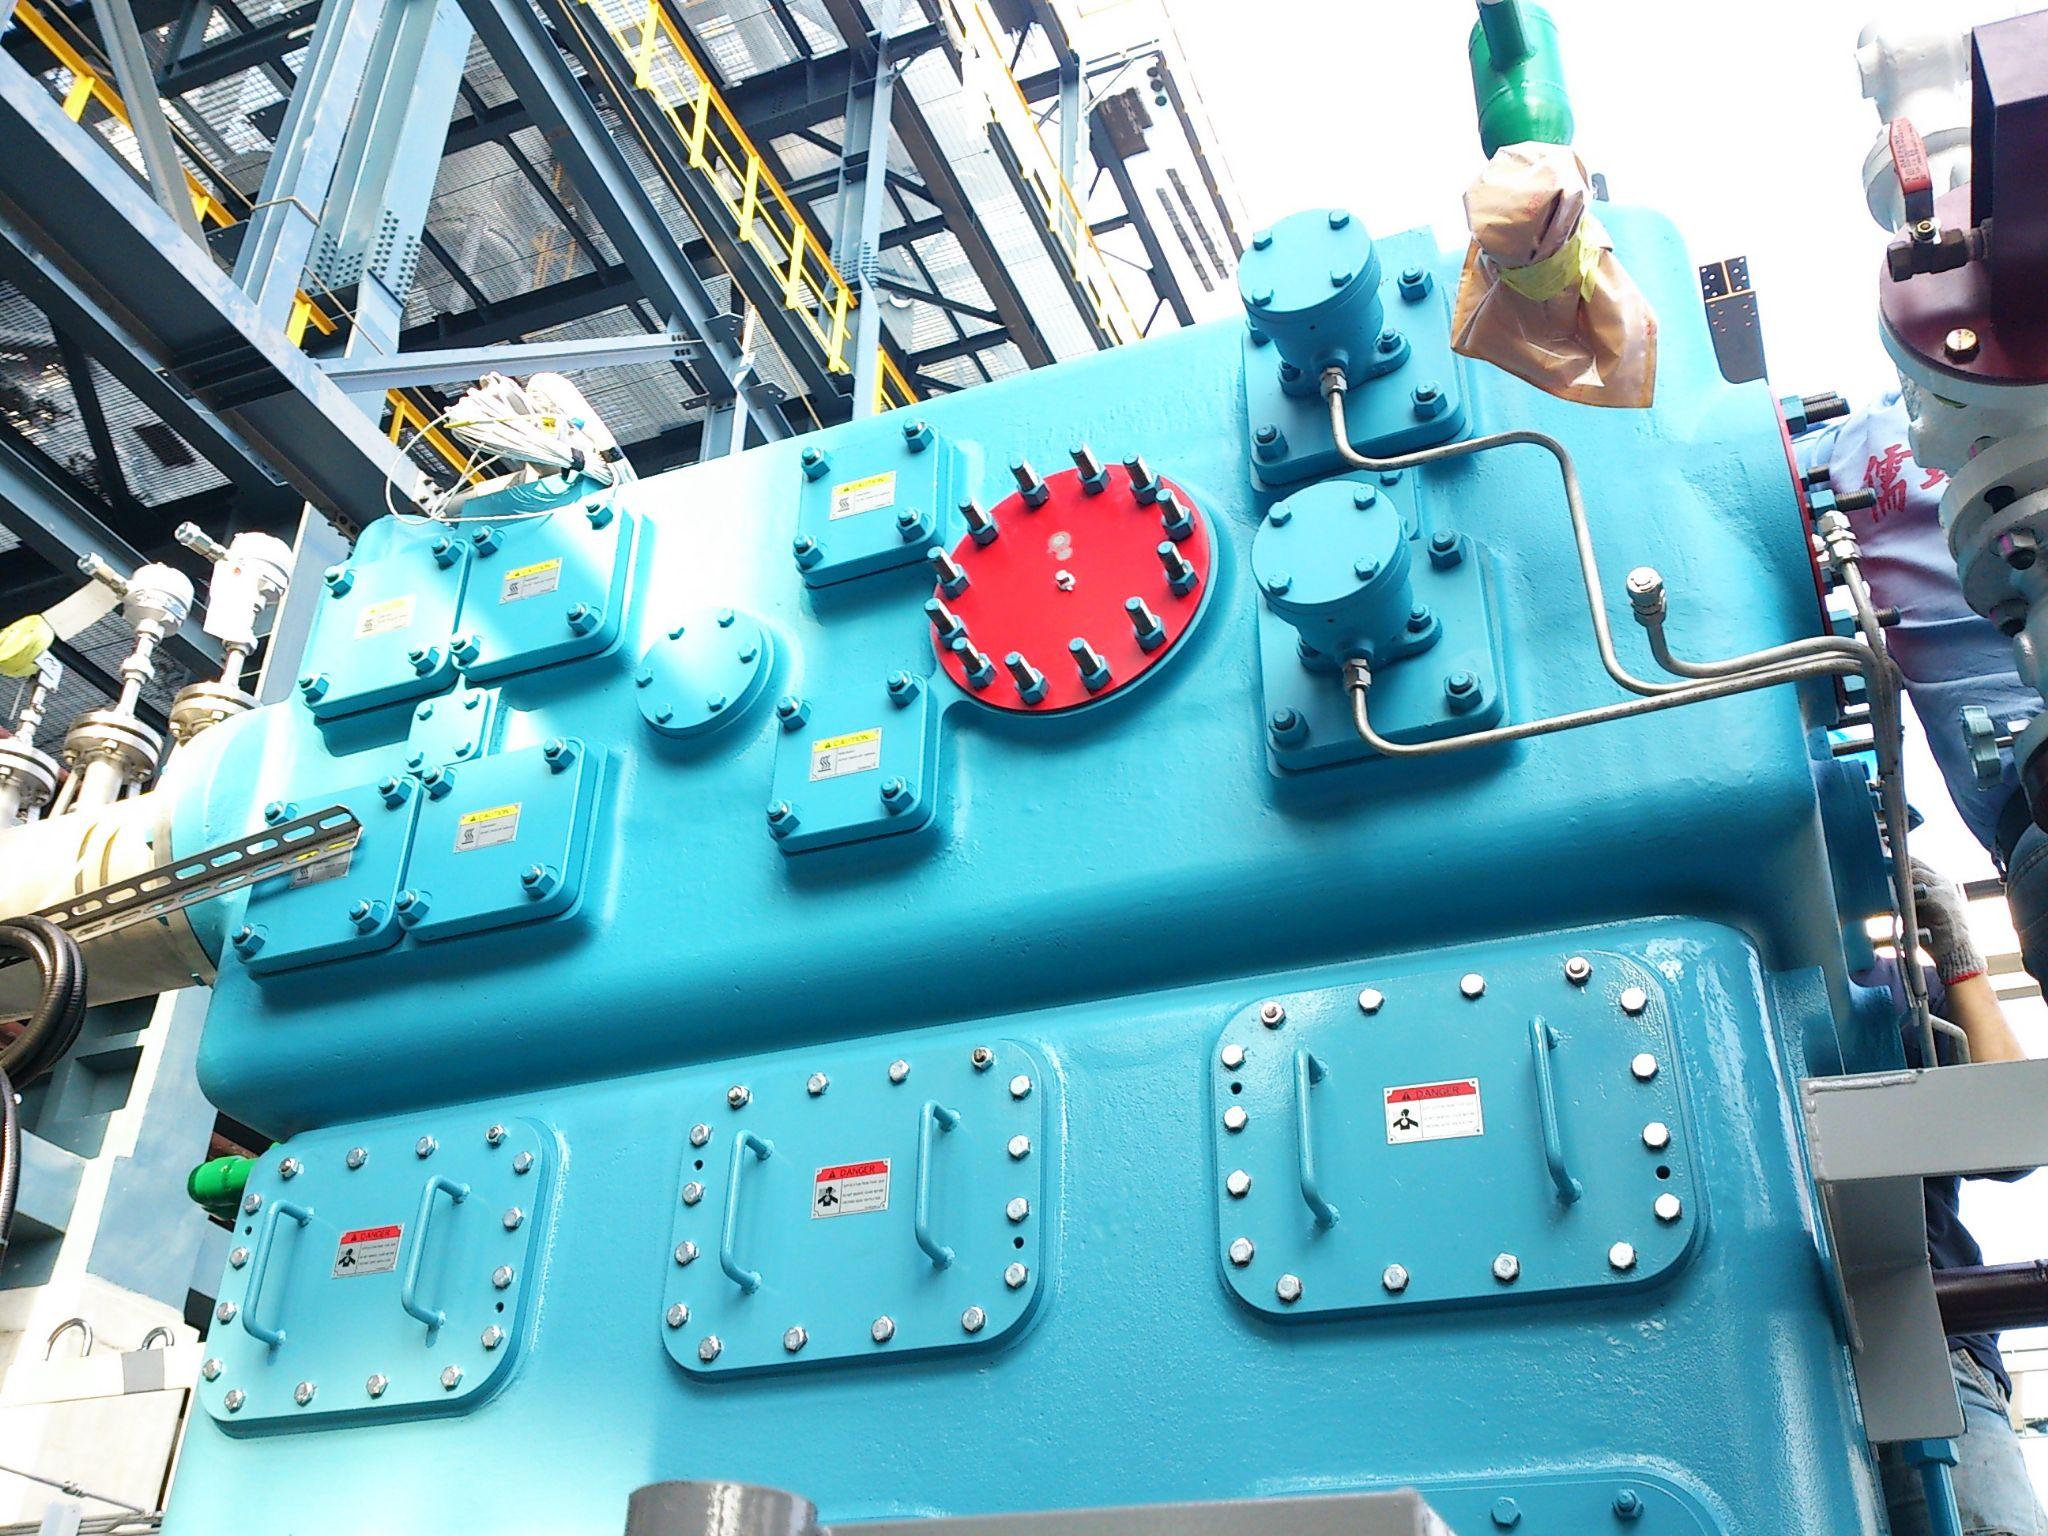 (图一) (图二) 产品概述 此设备为直立式无油往复式压缩机.图片